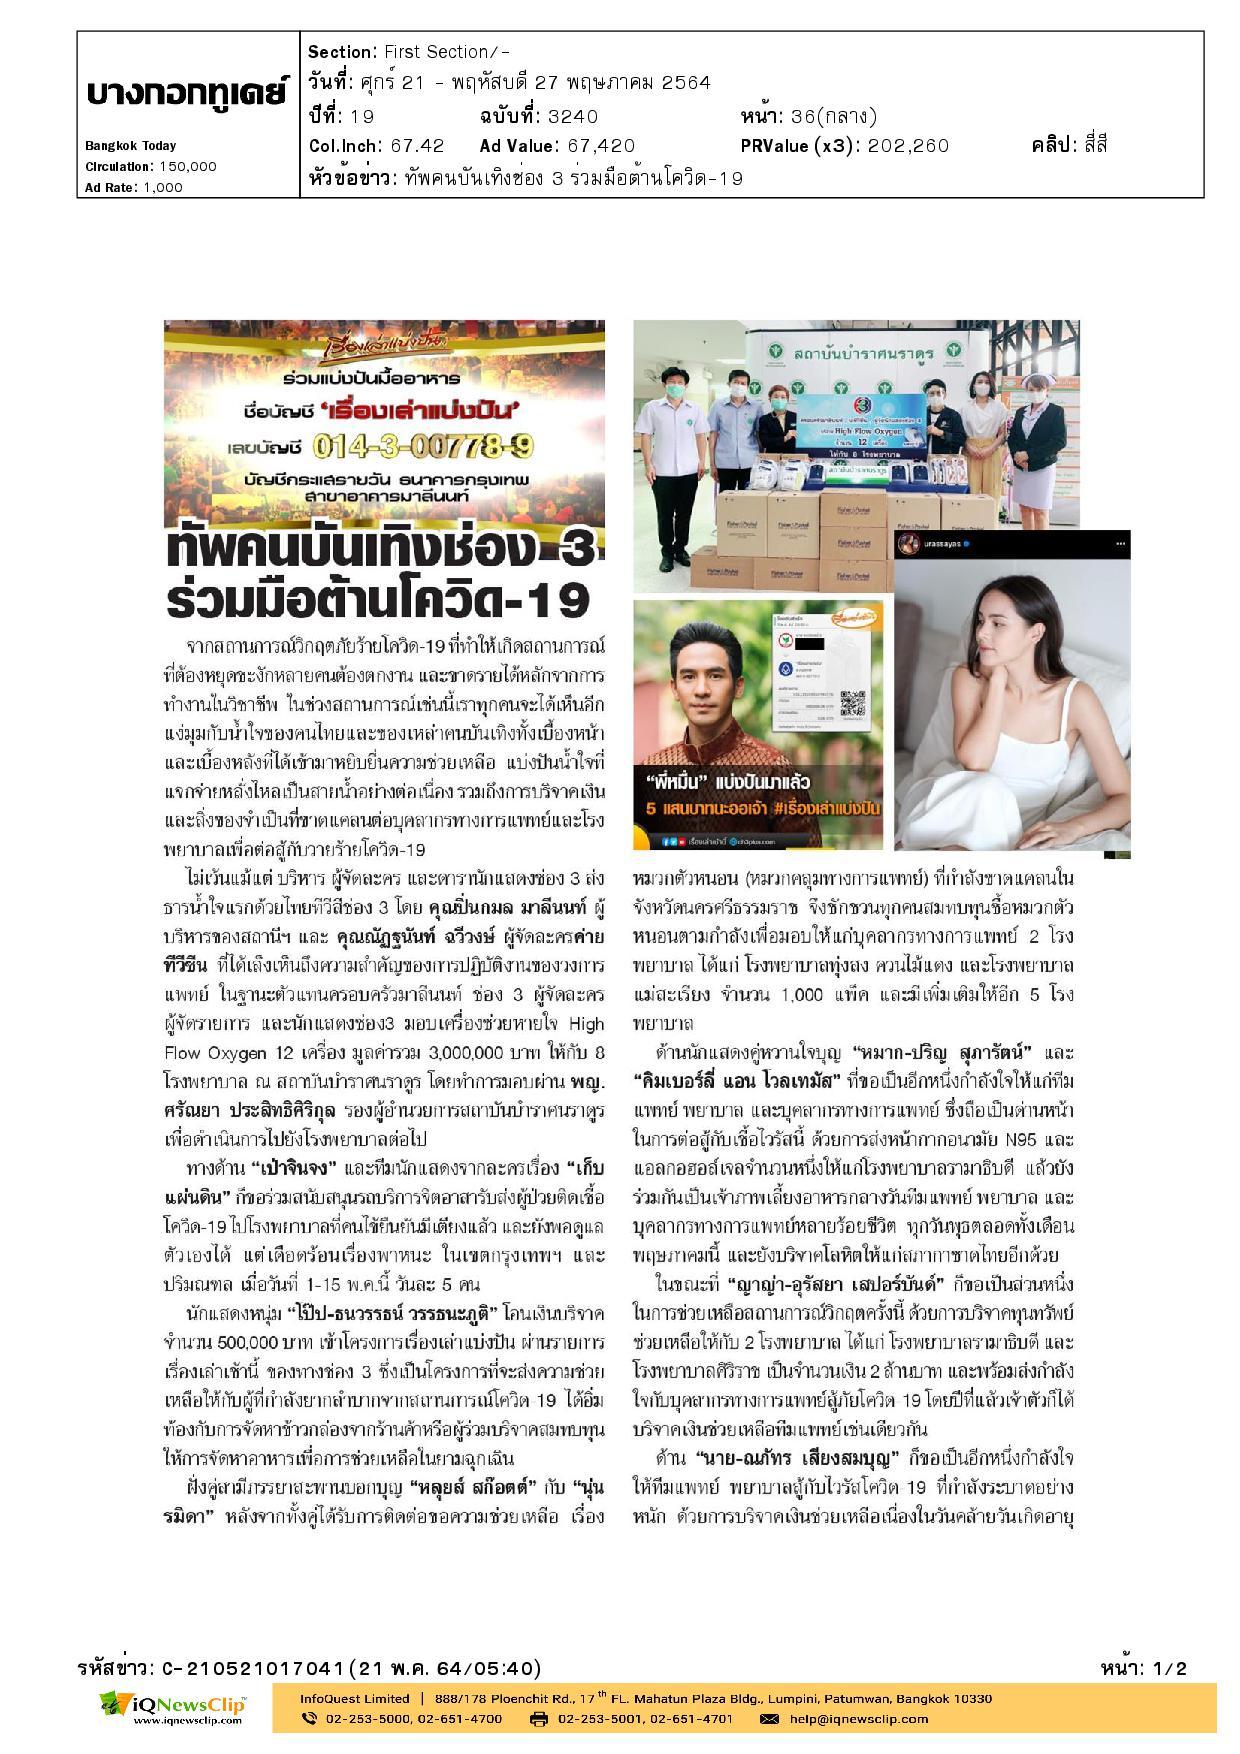 หมาก-ปริญ และคิมเบอร์รี่ นักแสดงจากช่อง 3 ร่วมบริจาคโลหิต ให้แก่สภากาชาดไทย